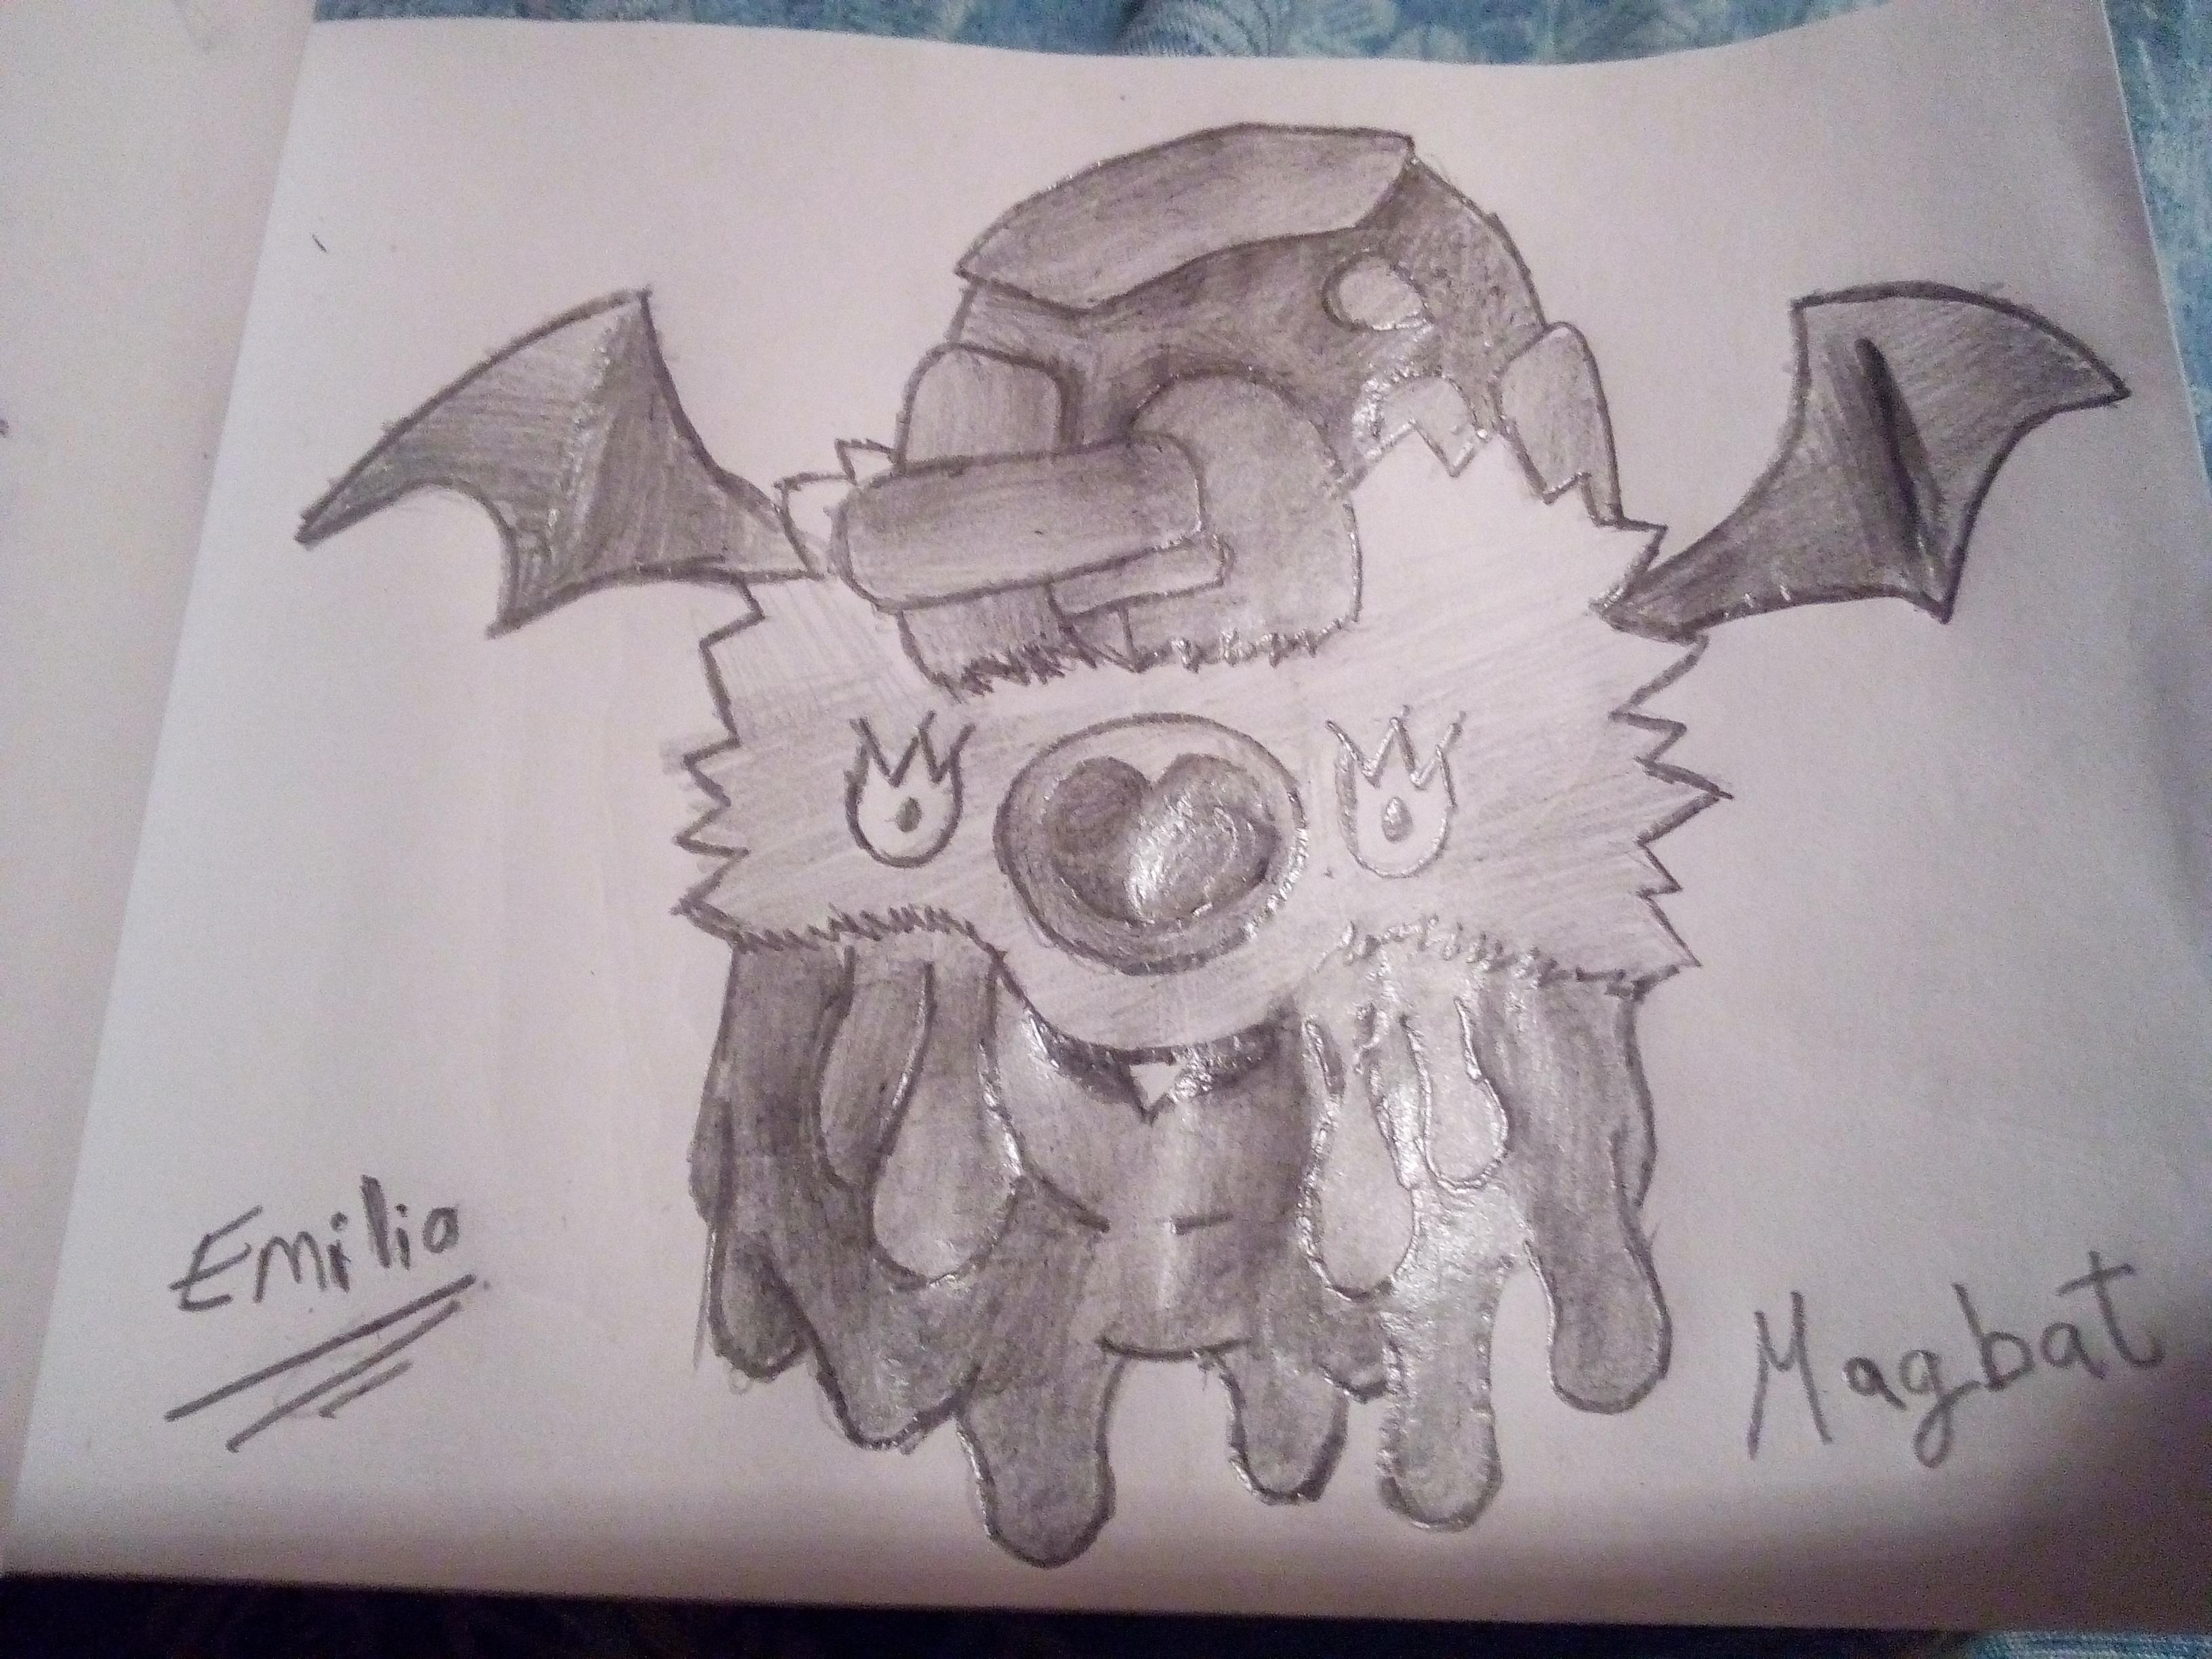 Dibujos random - Página 2 JPEG_20190626_234542